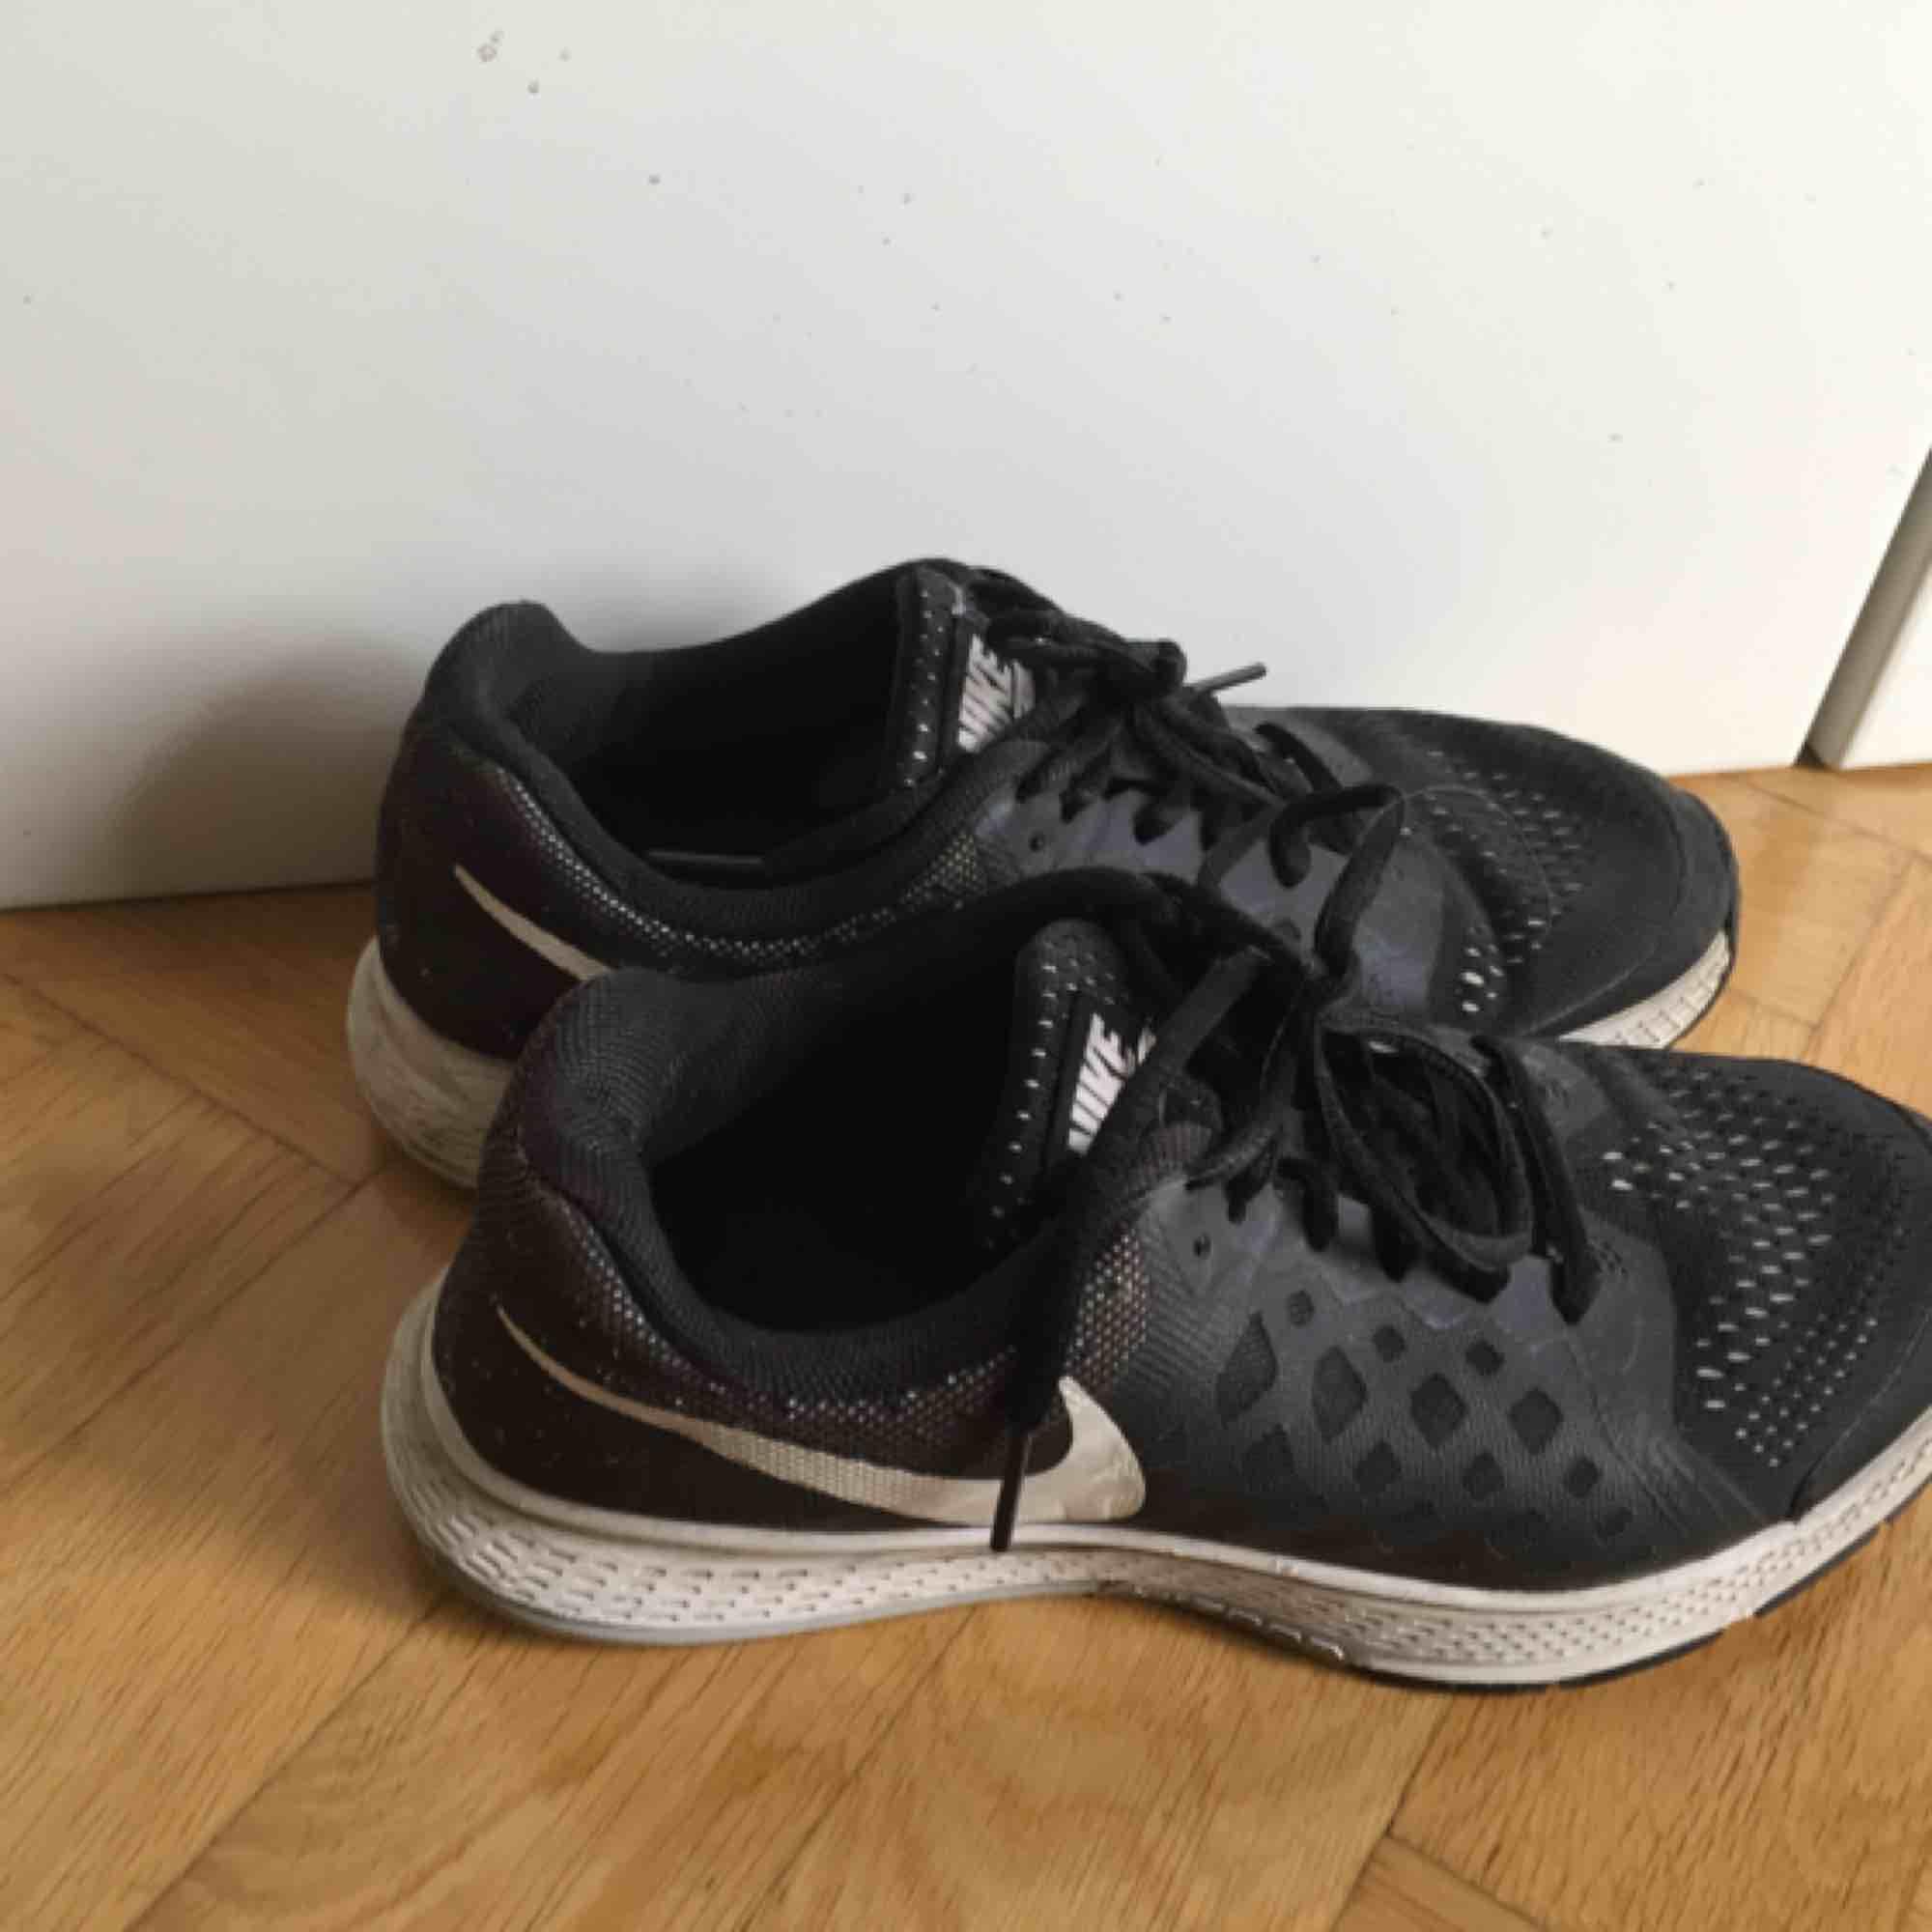 Nike löparsko i använt men gott skick. Slitna inuti vid hälarna i övrigt fint skick, därav det billiga priset. Absolut funktionsdugliga! Storlek 38.. Skor.